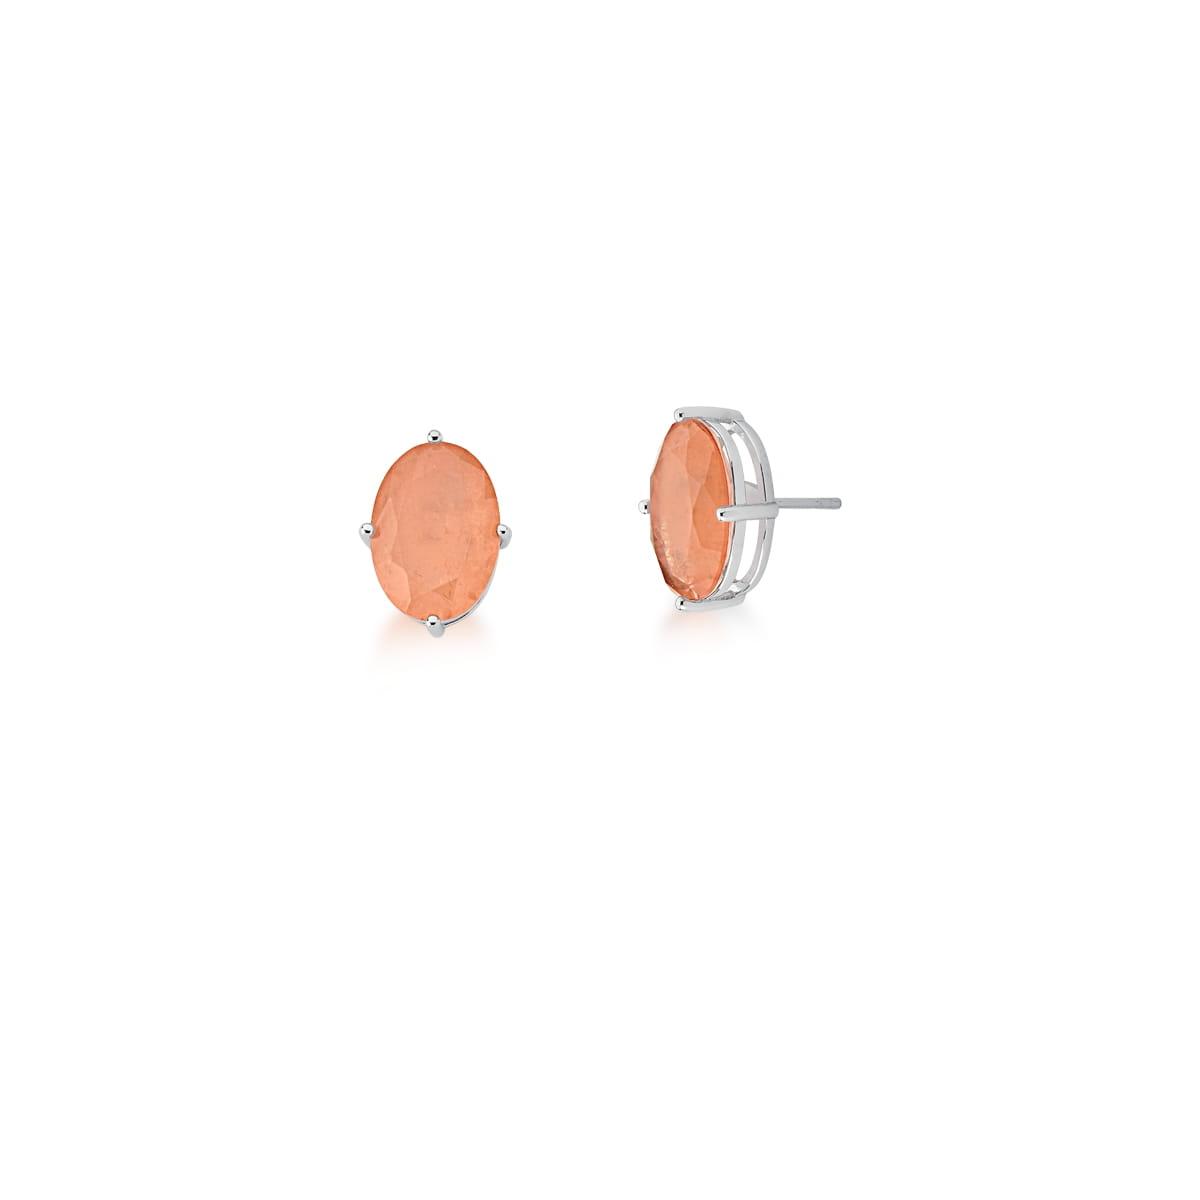 Brinco com Cristal Oval Fusion Alaranjado Banhado a Ródio